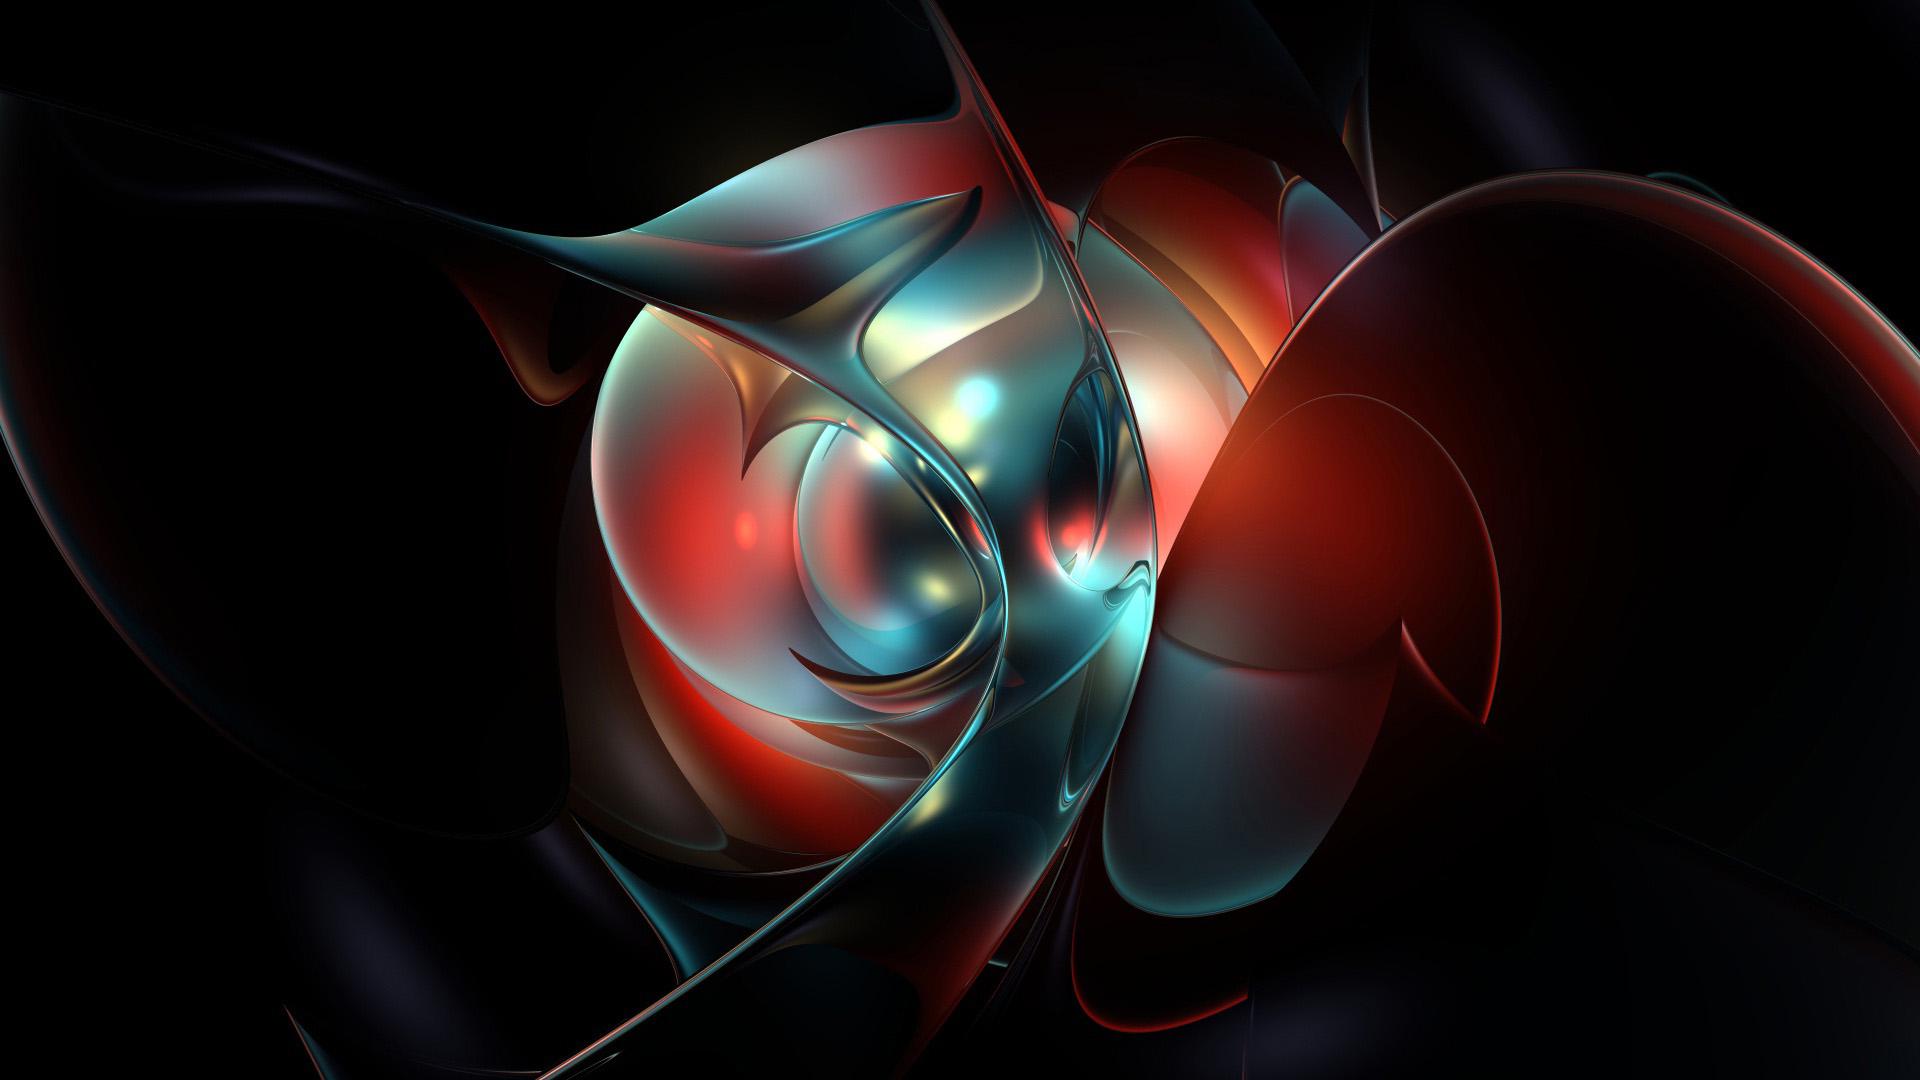 3d обои, черно-красная 3д абстракция, 3d графика